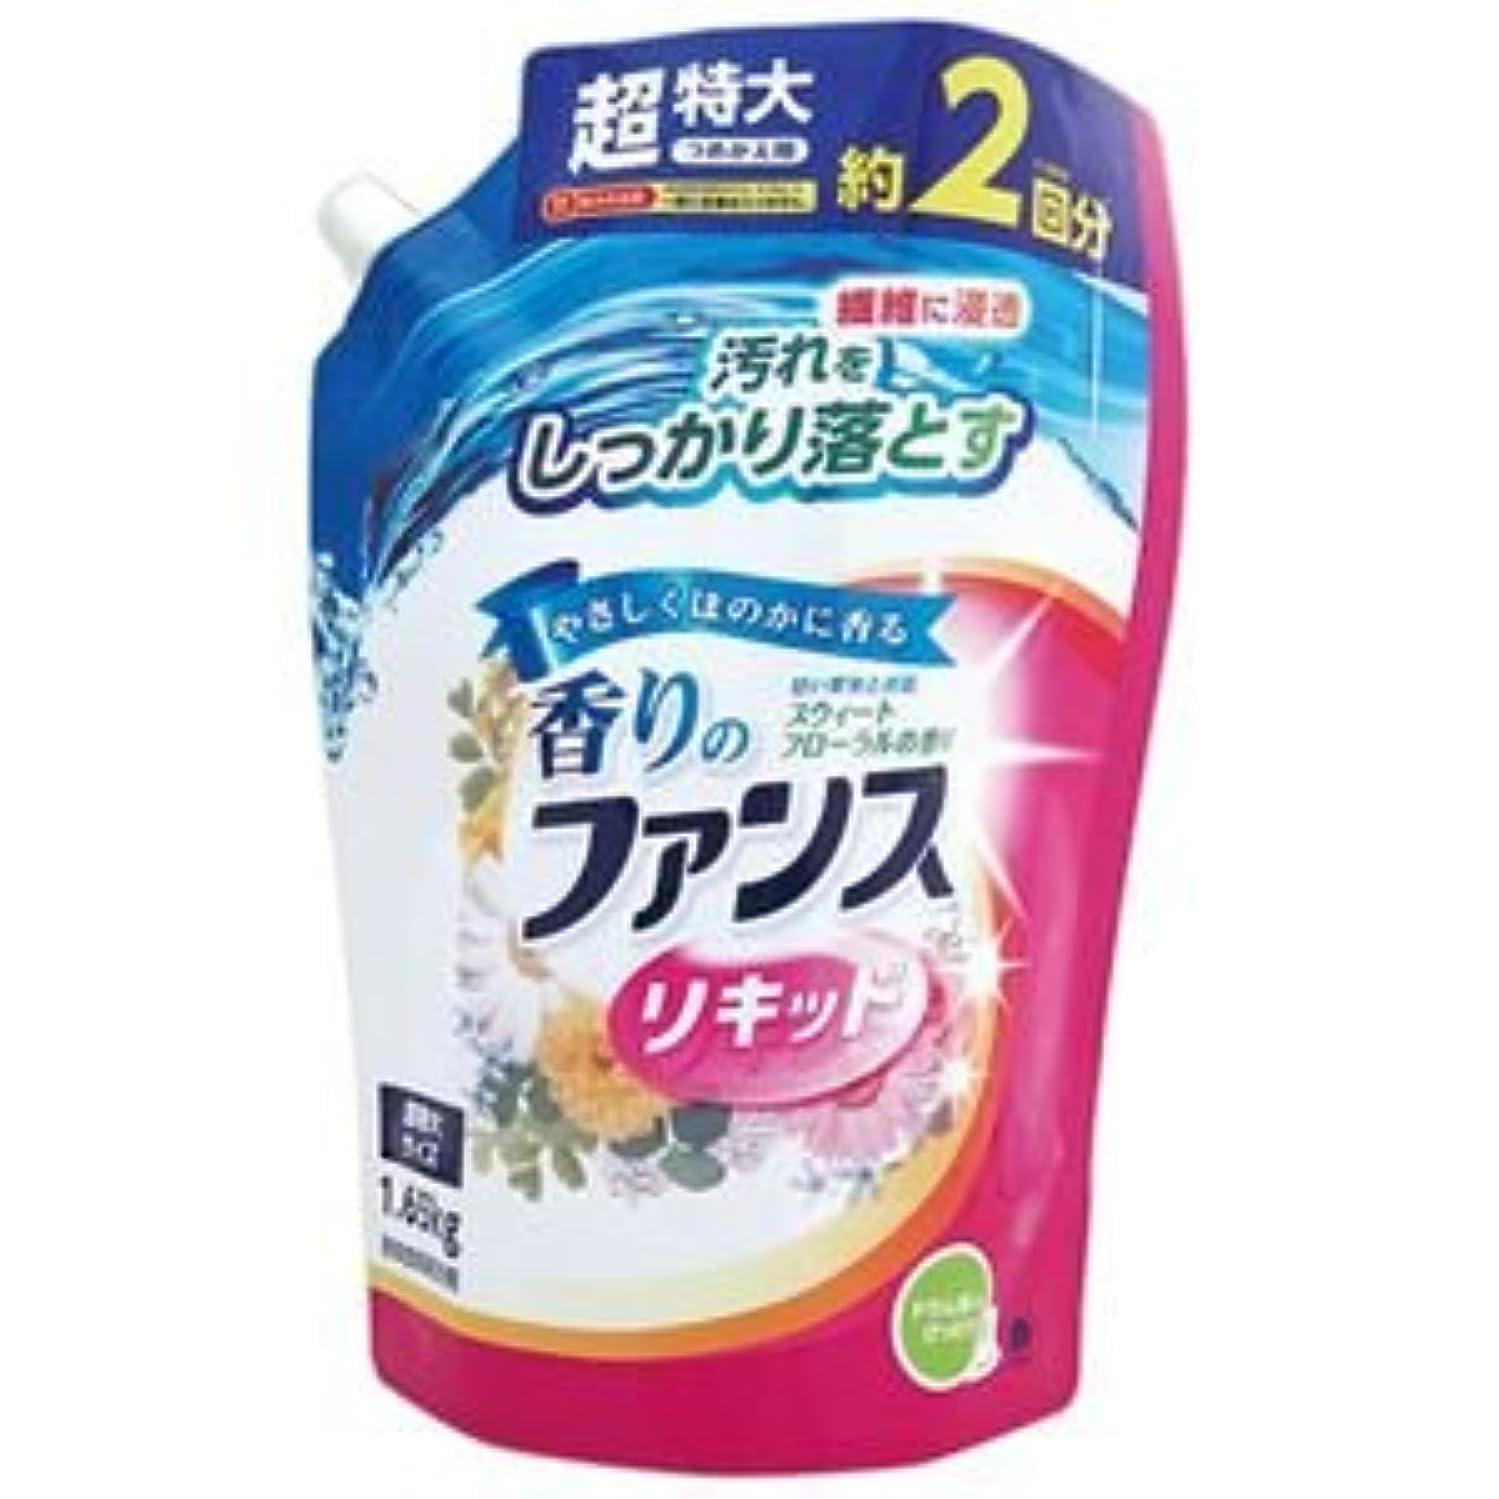 ケント海外語(まとめ) 第一石鹸 香りのファンス 液体衣料用洗剤リキッド 詰替用 1.65kg 1セット(6個) 【×2セット】